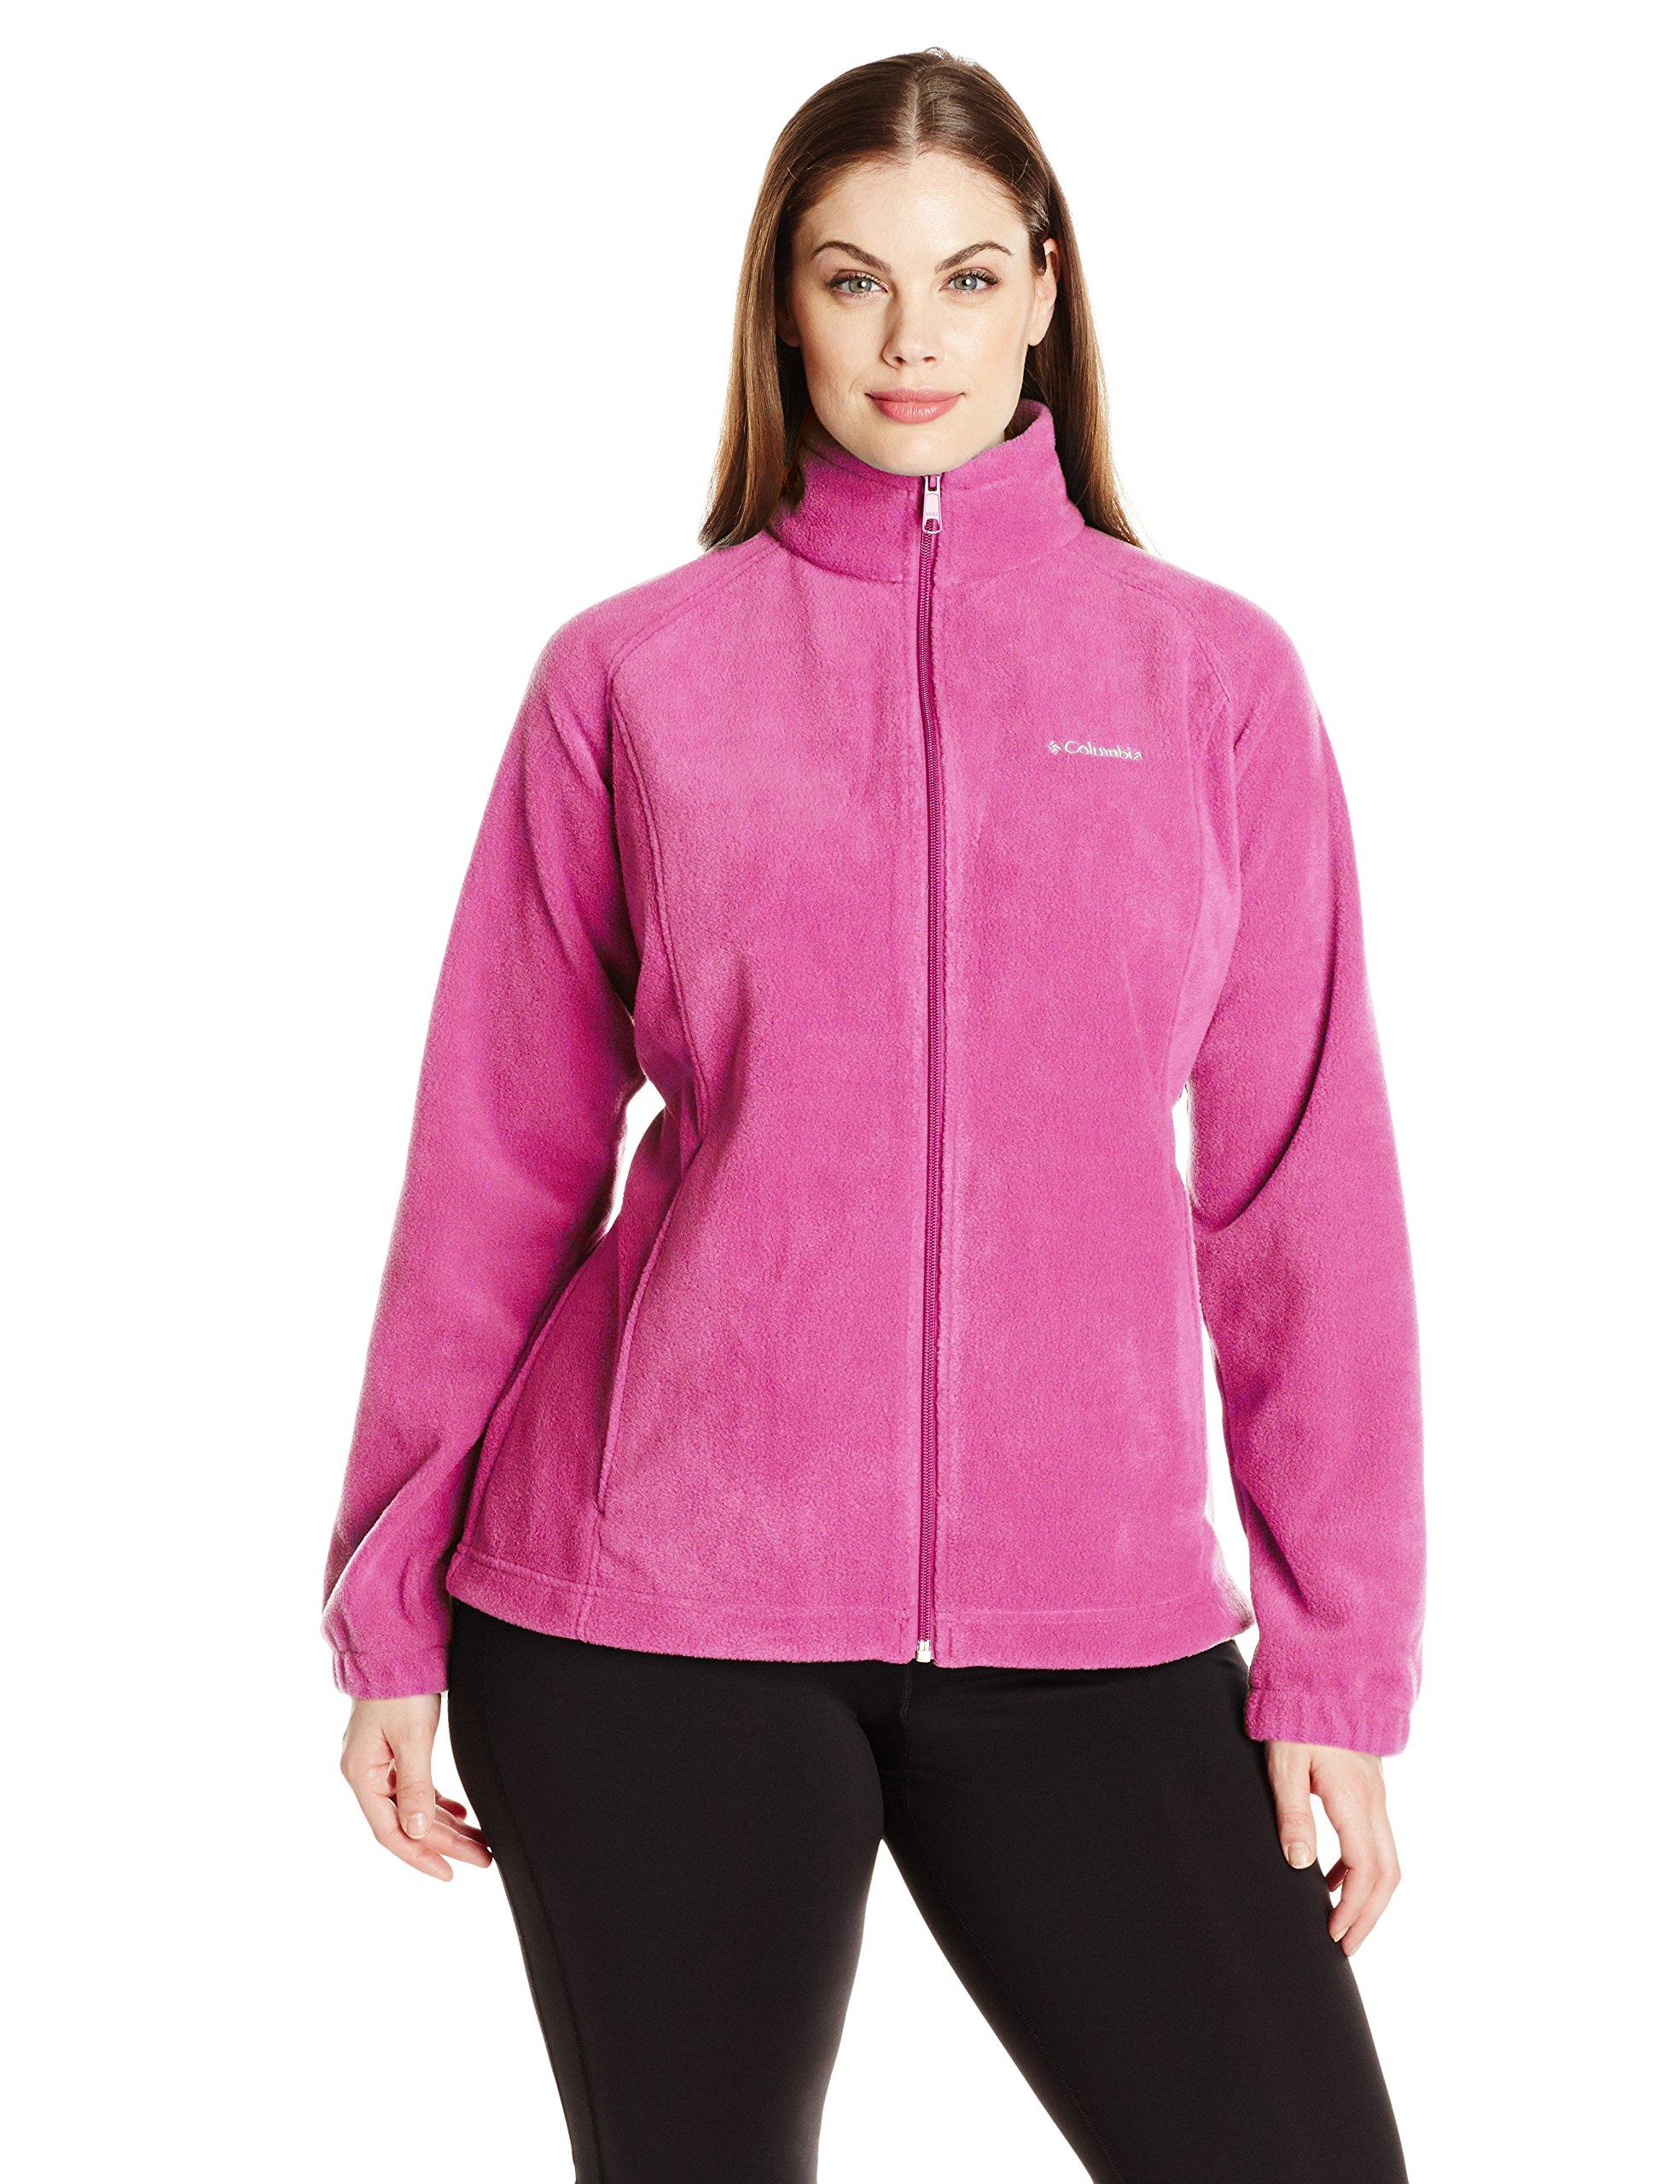 Columbia Women's Plus Size Benton Springs Full Zip Jacket, Fuchsia, 2X